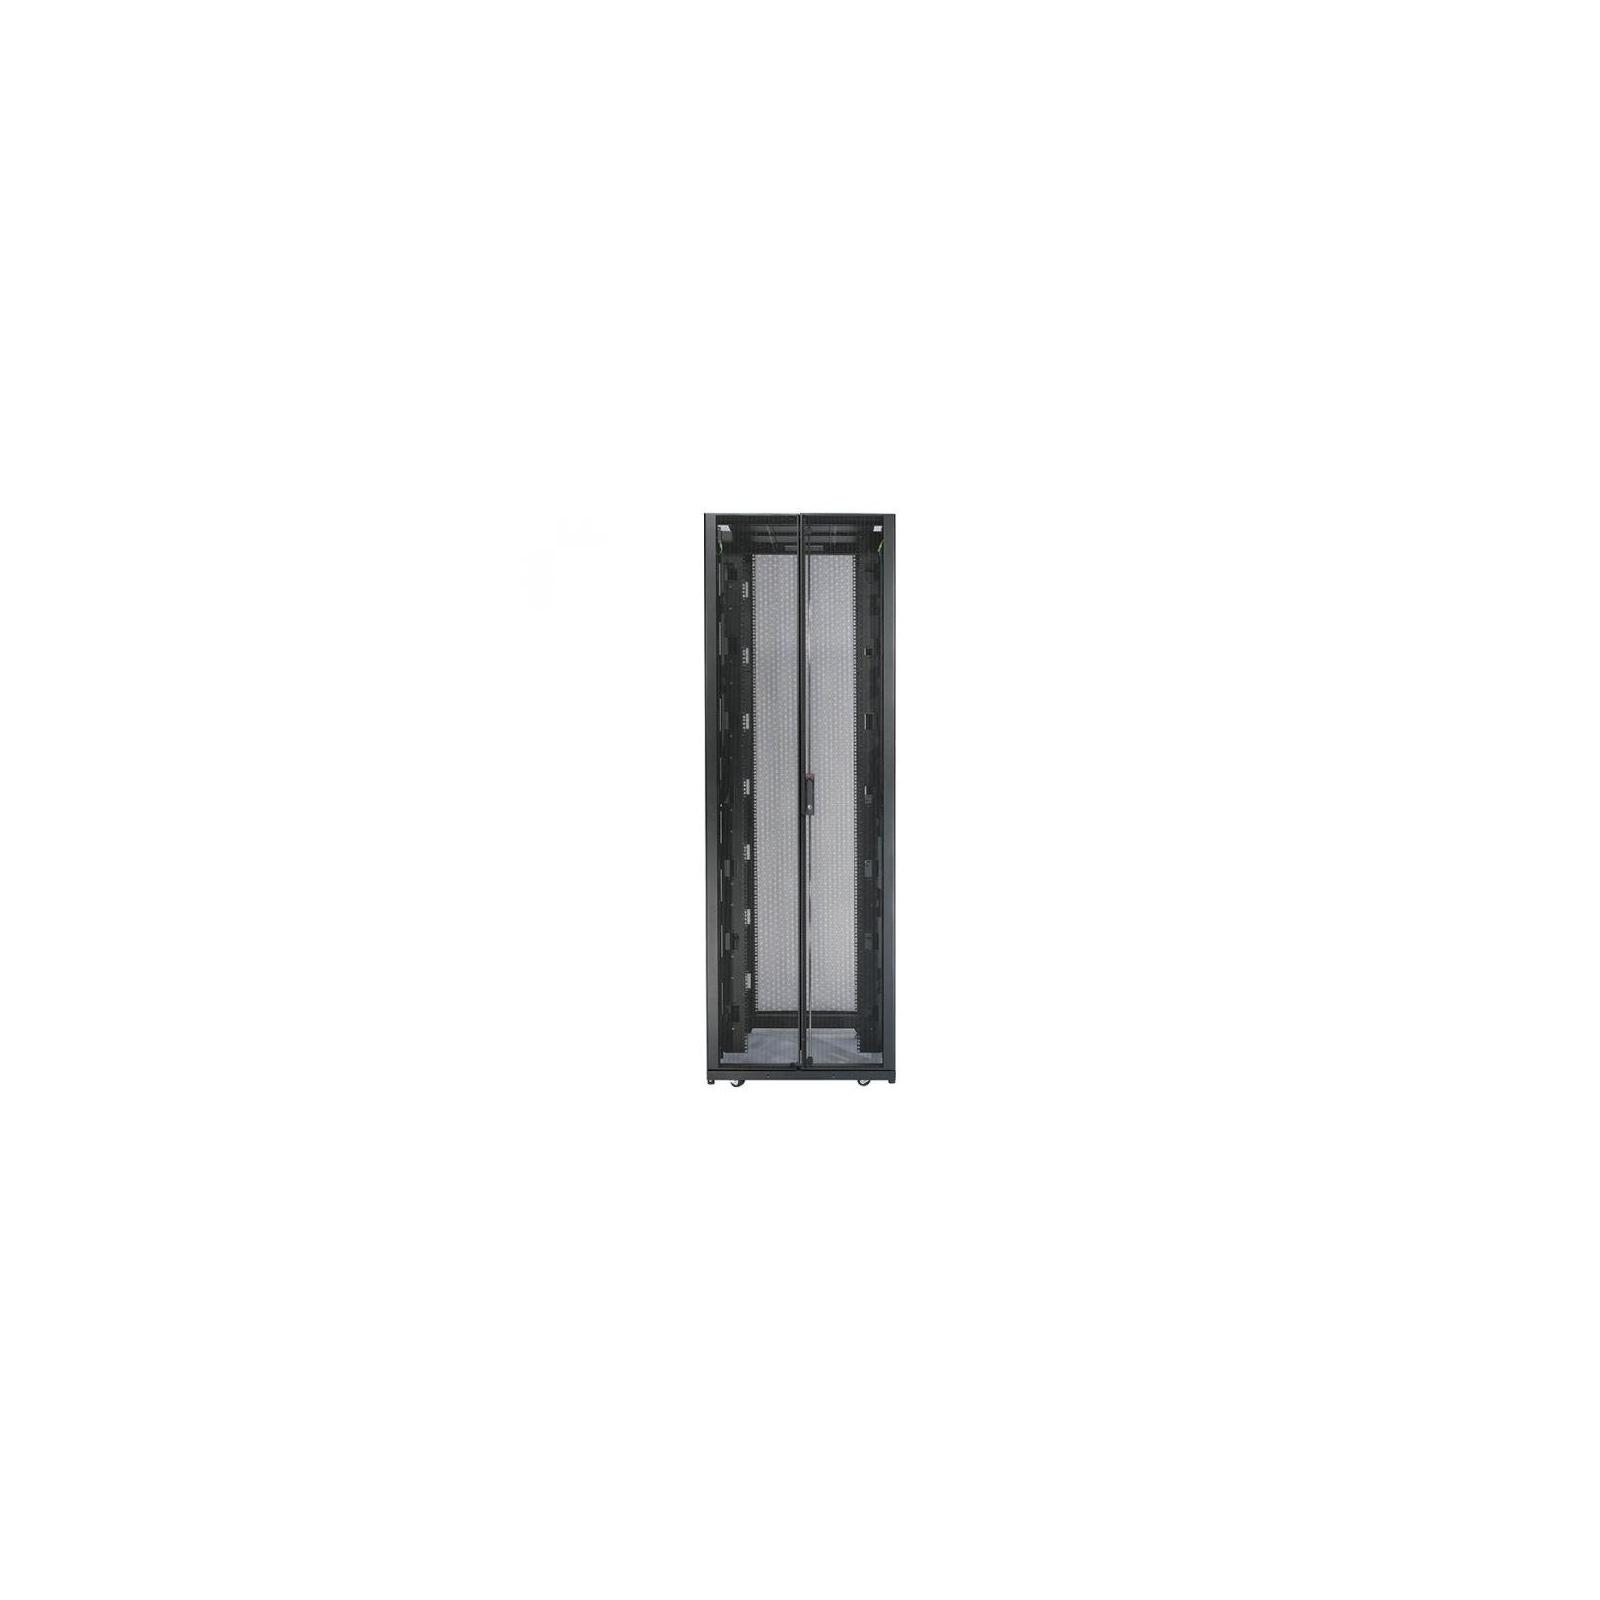 Шкаф напольный APC 42U NetShelter SX 750*1070мм (AR3150) изображение 2